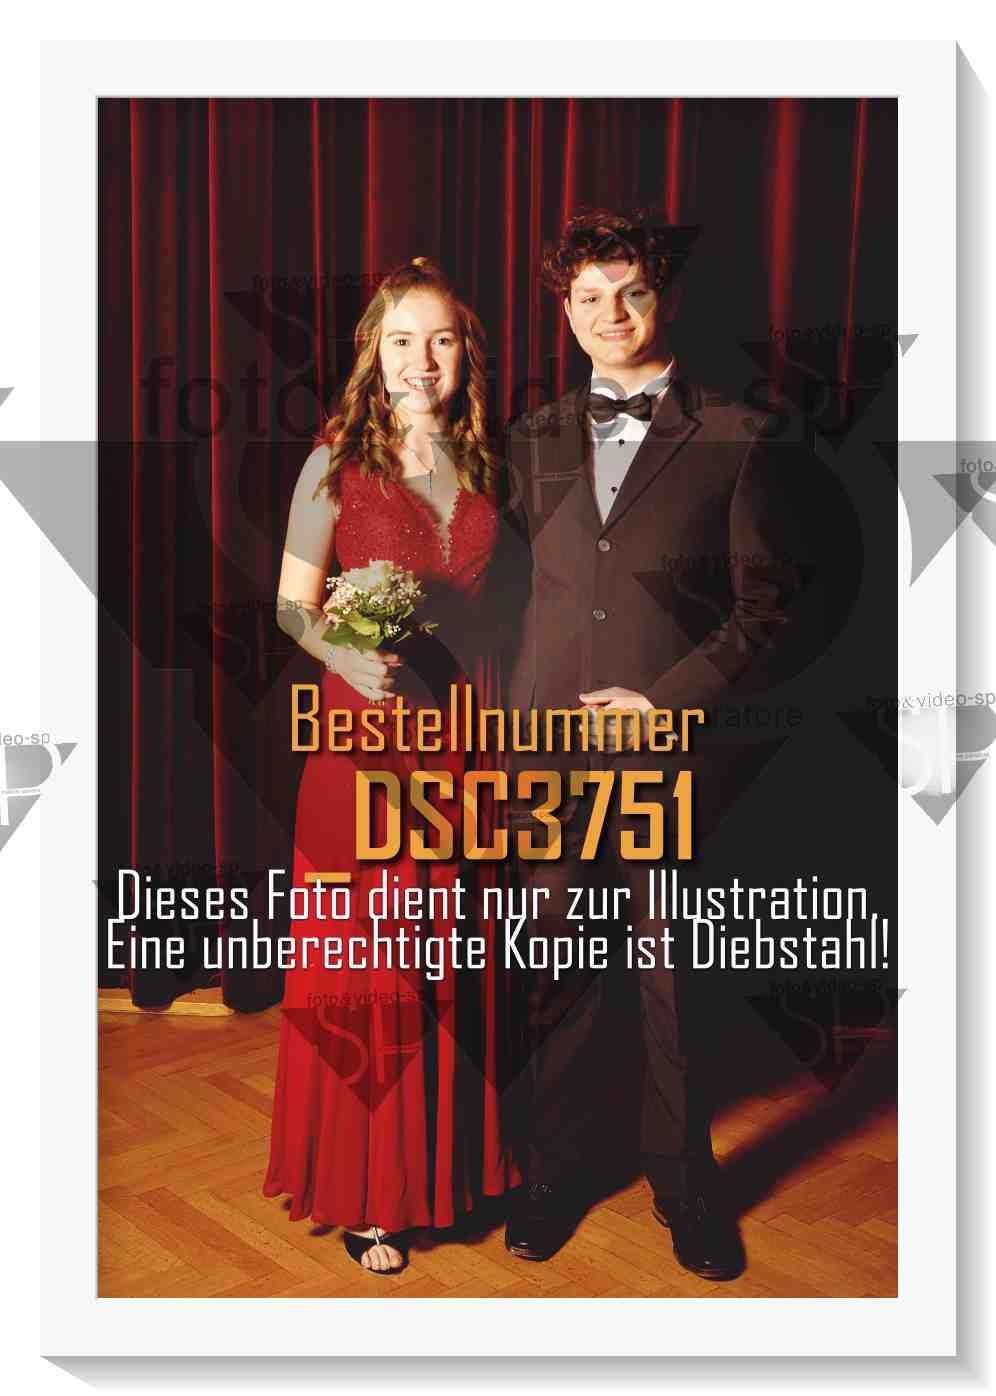 DSC3751